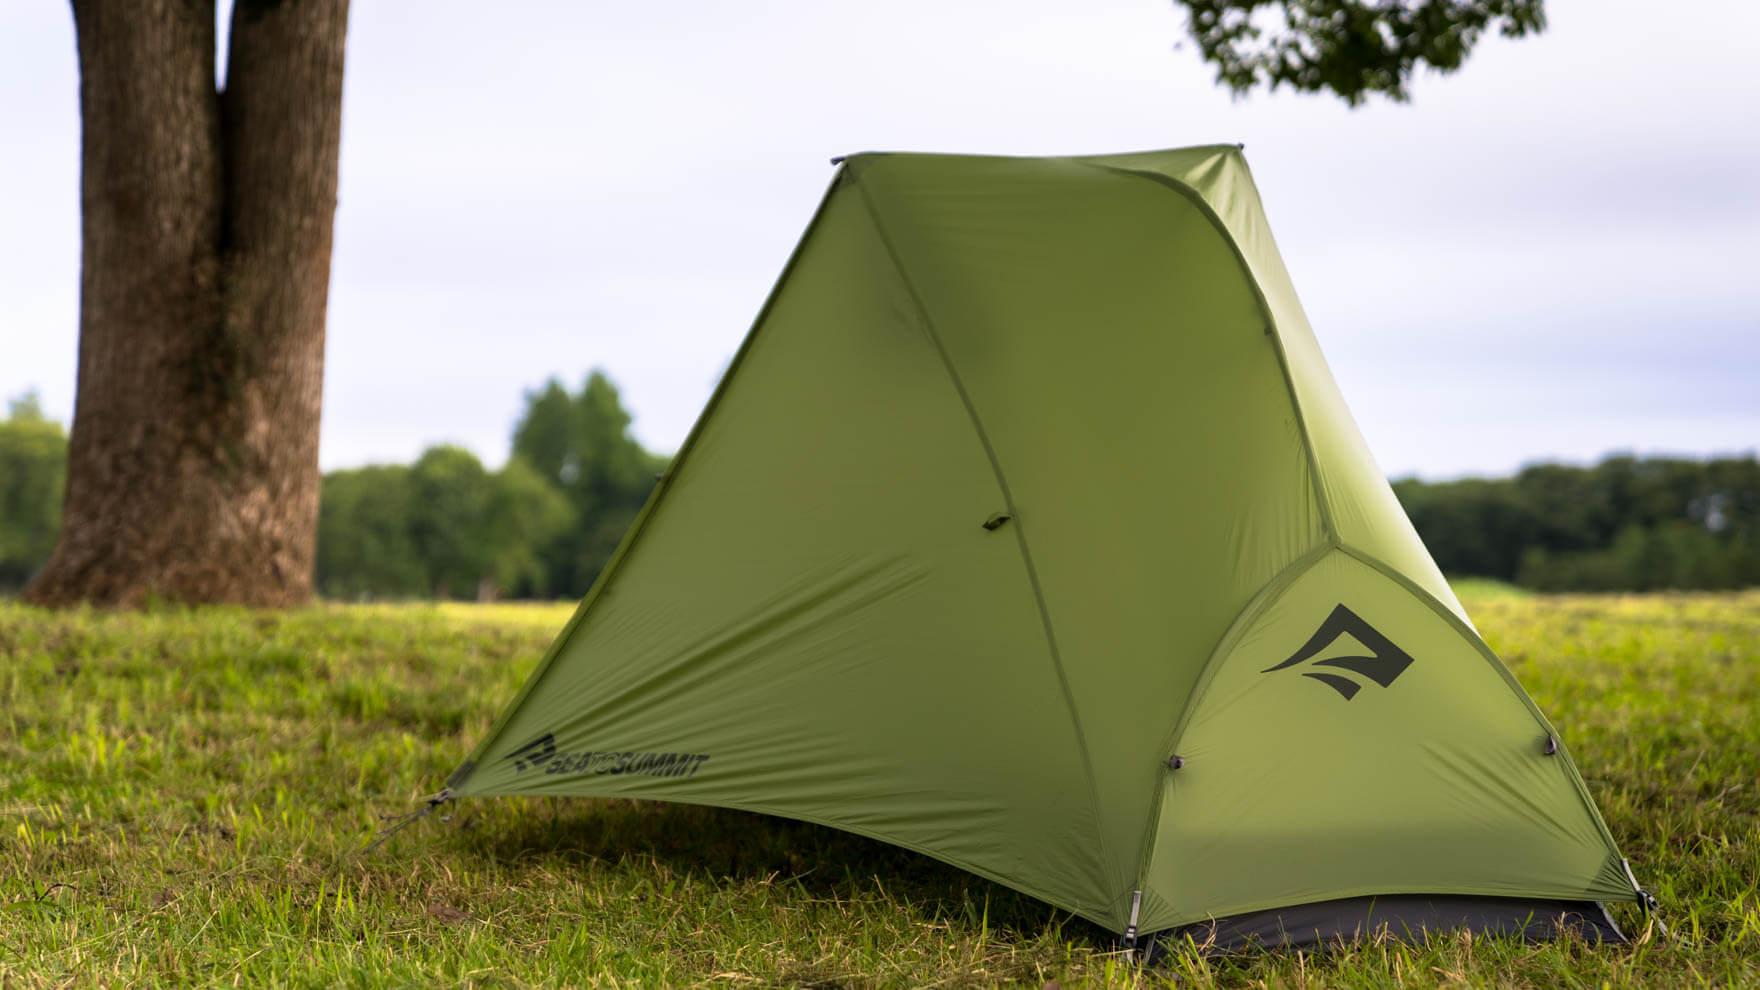 【忖度なしの自腹レビュー】すべては快適さと、使いやすさのために。斬新で実用的なアイデアがてんこ盛りの軽量テント SEA TO SUMMIT アルトTR1プラステント